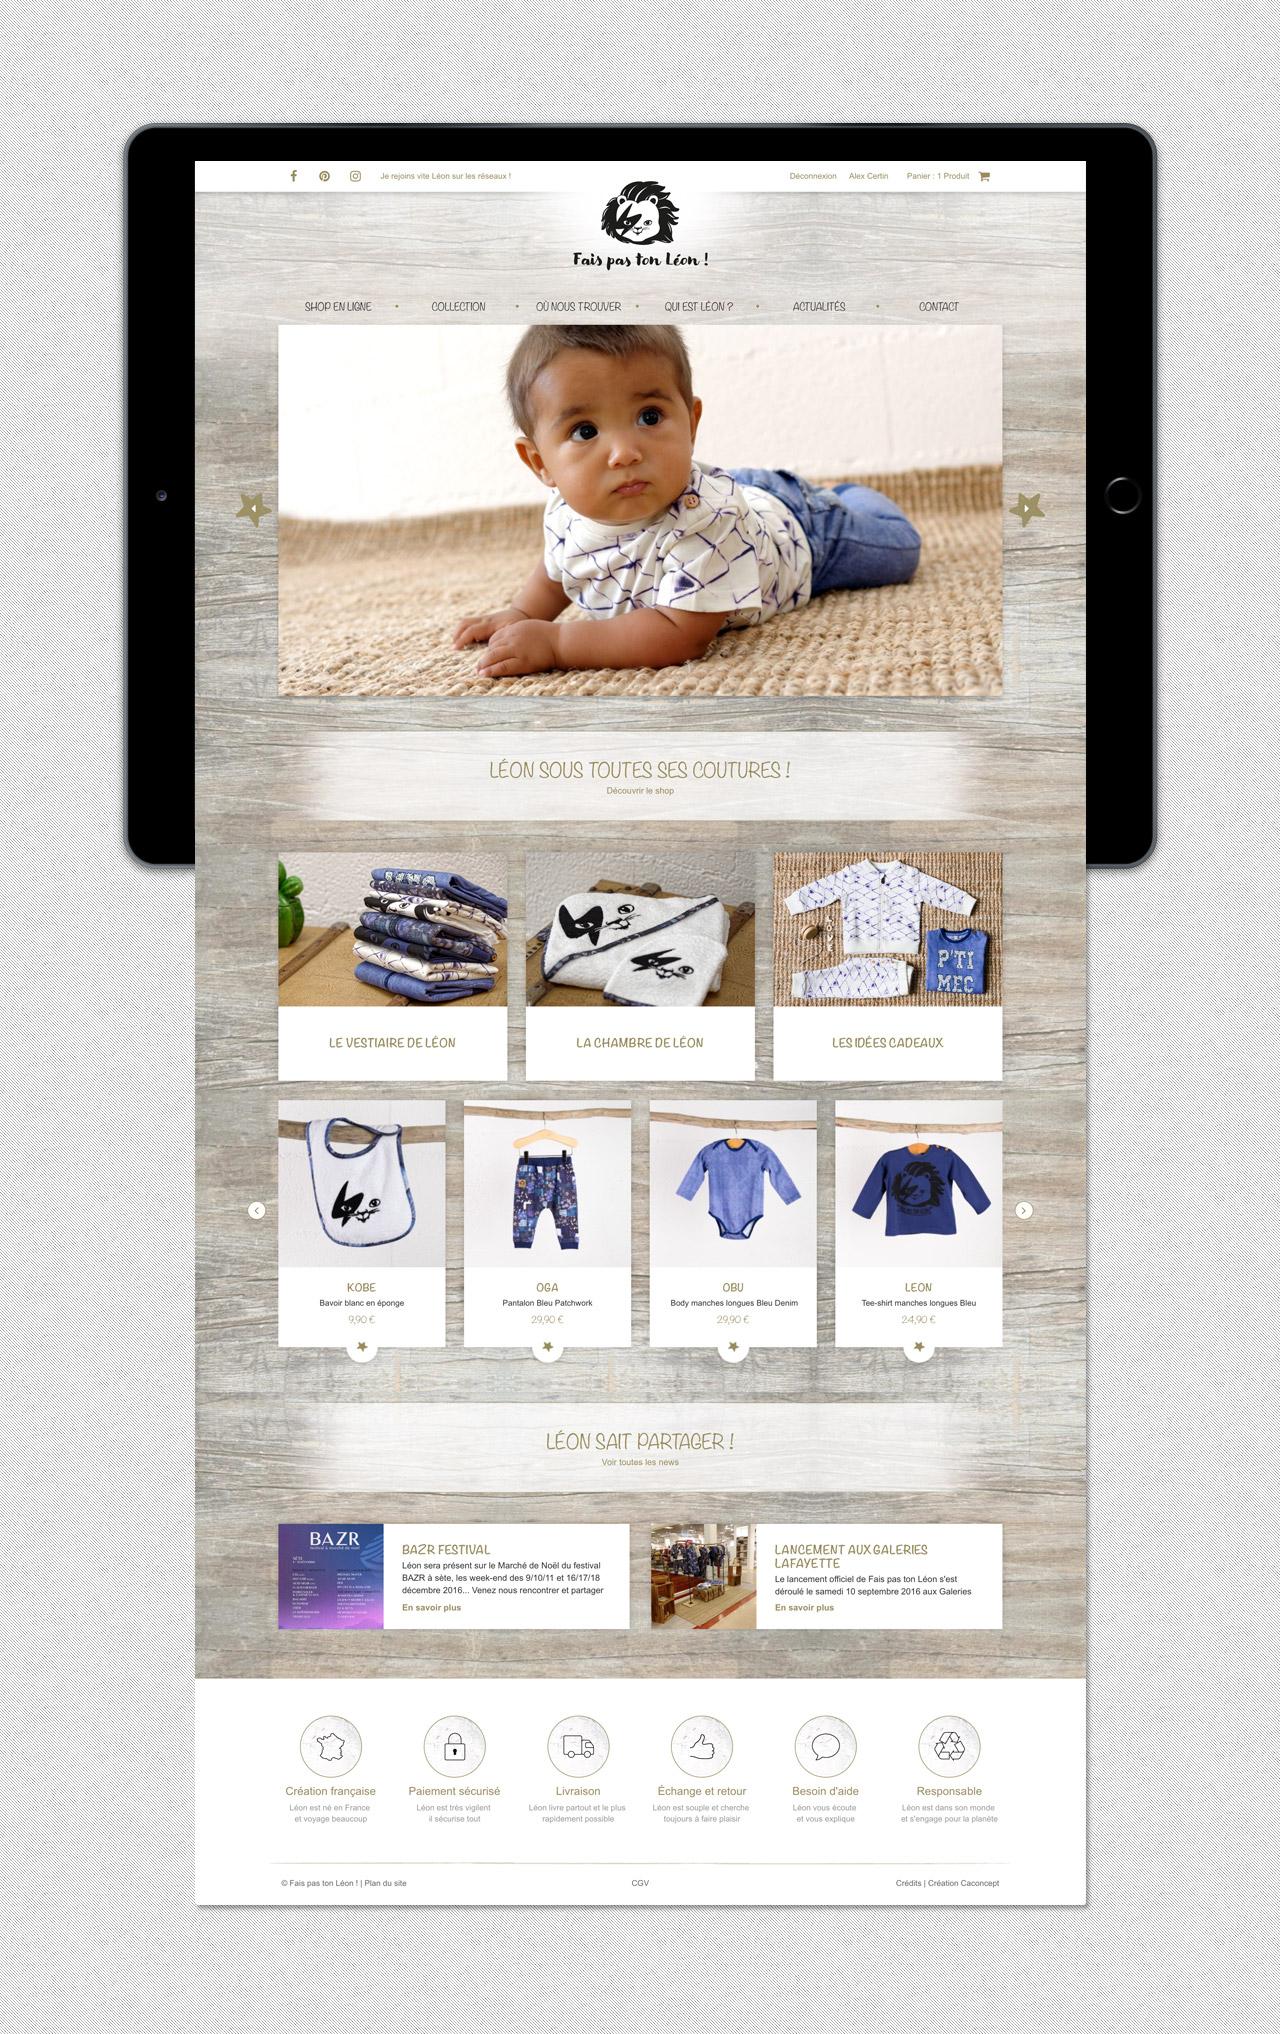 faispastonleon-creation-site-e-commerce-page-accueil-vetements-enfants-caconcept-alexis-cretin-graphiste-montpellier